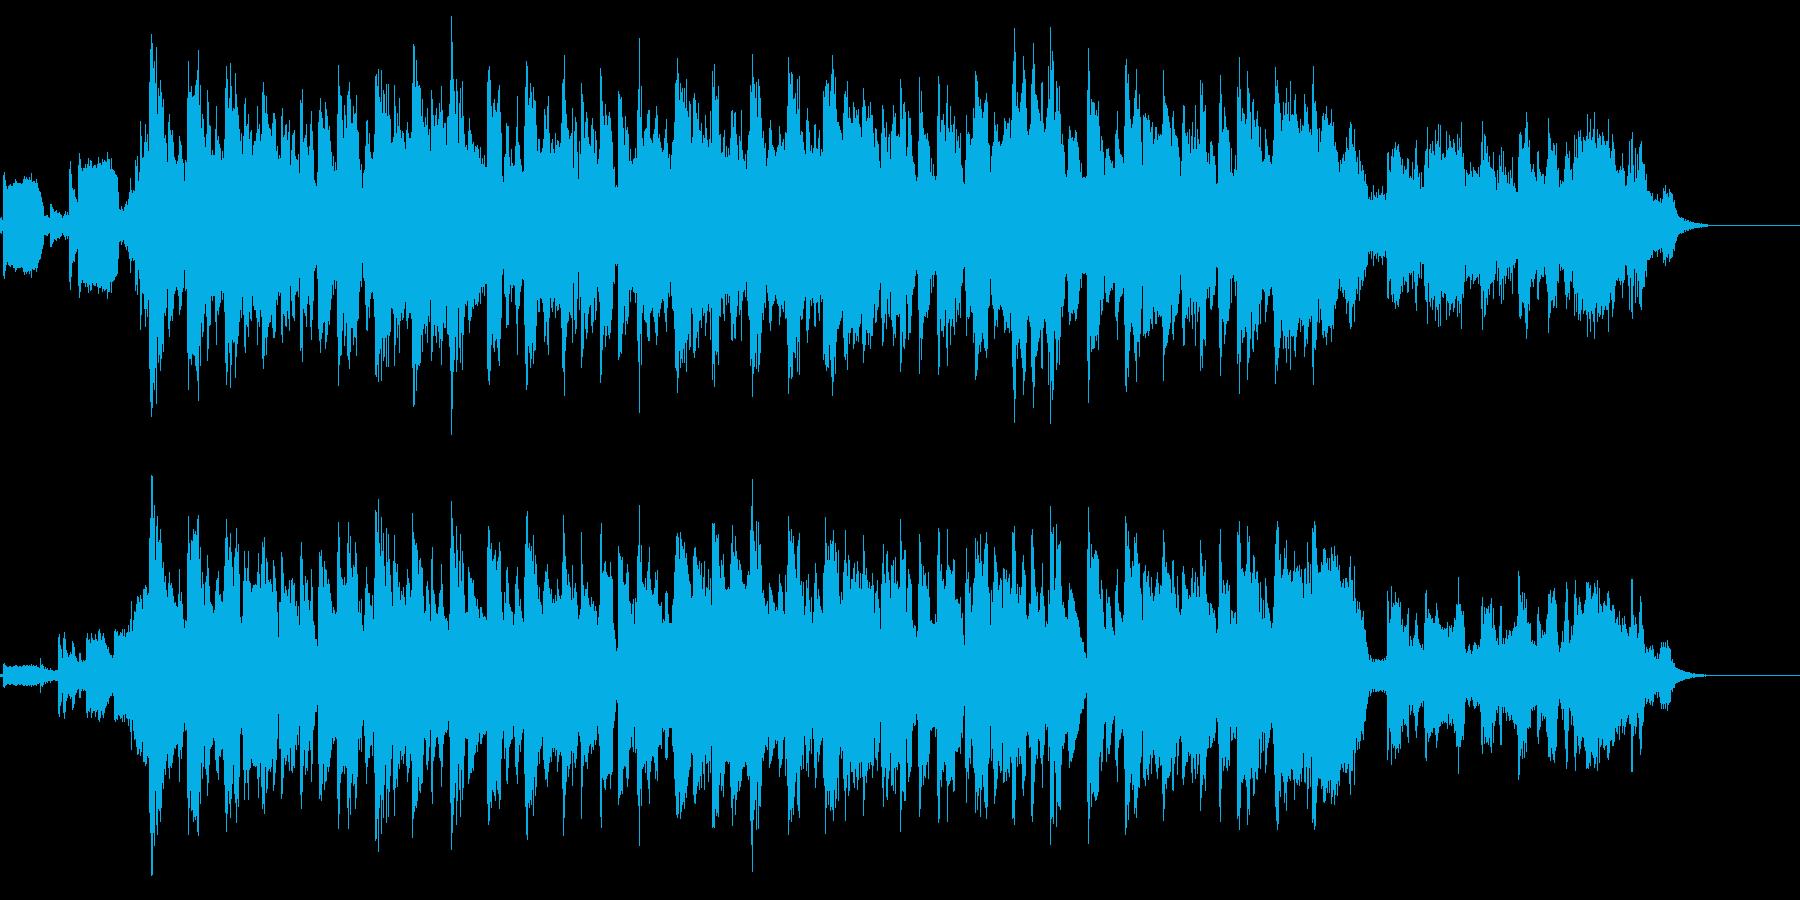 お洒落なオープニングに使えそうなジングルの再生済みの波形